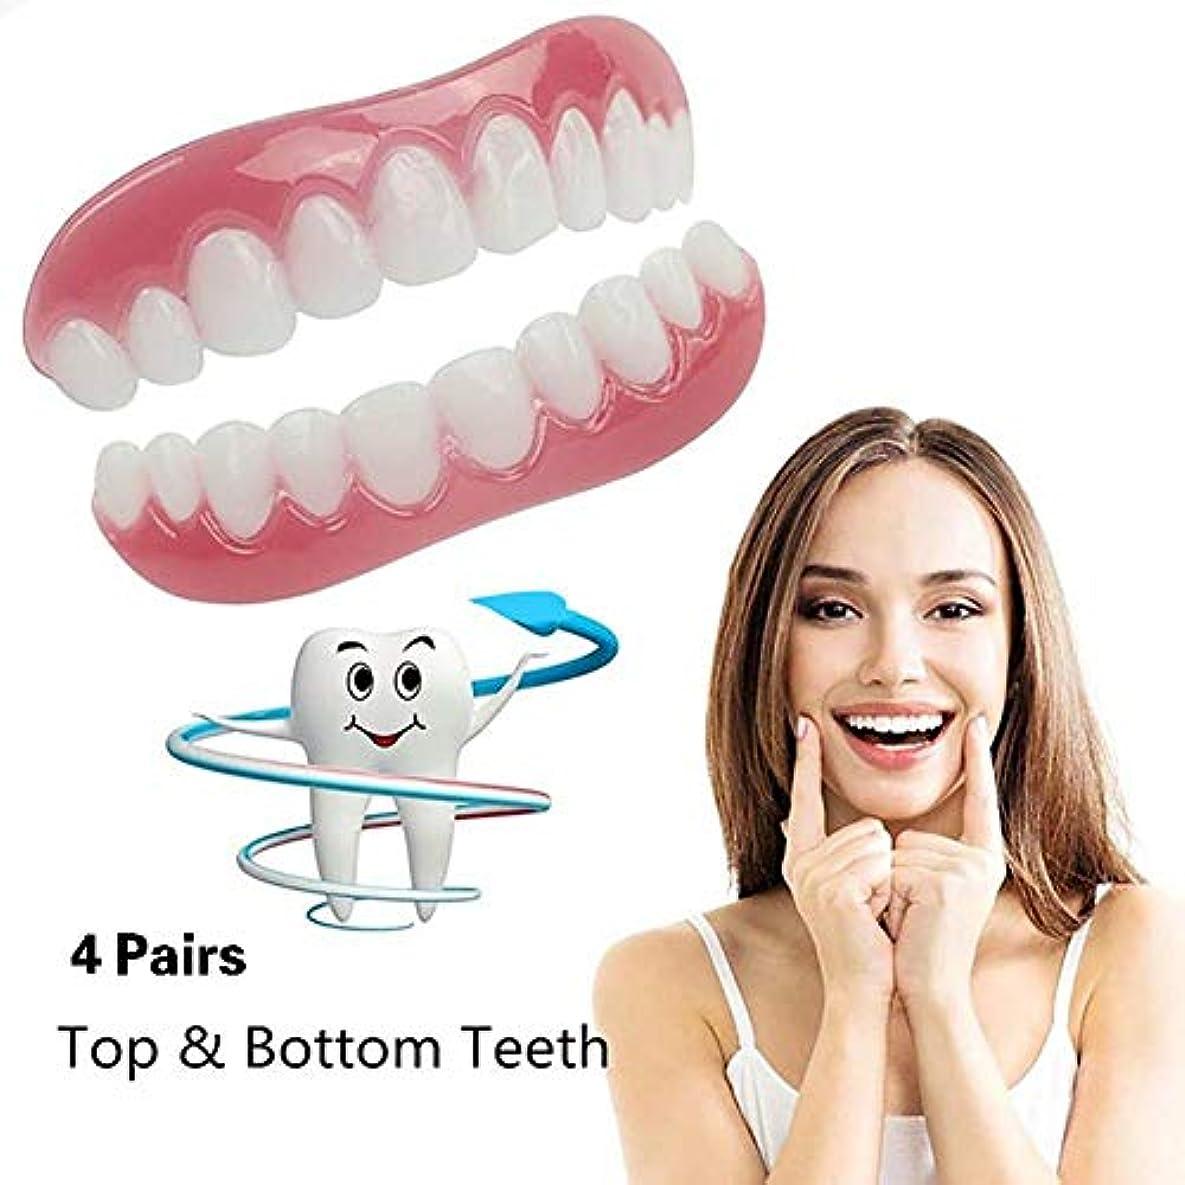 無駄自分断線シリコーンの歯のベニヤ化粧品の歯のスナップのしっかりとした上部の低い屈曲の歯科ベニヤ義歯のケアを白くする完全な歯1つのサイズに収まるすべて